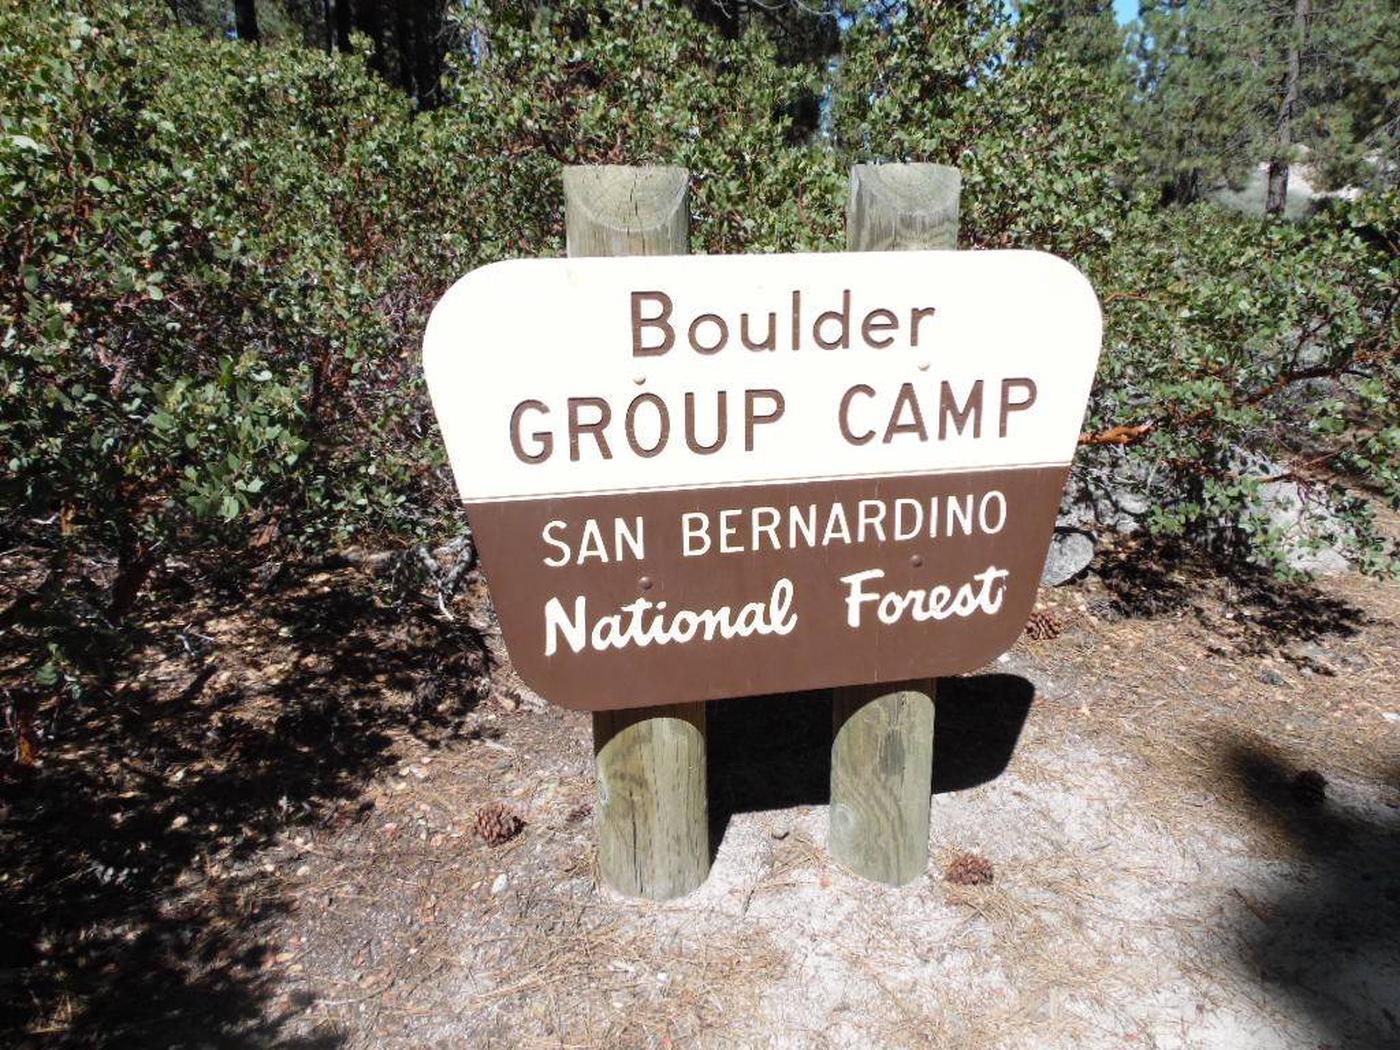 Boulder Group